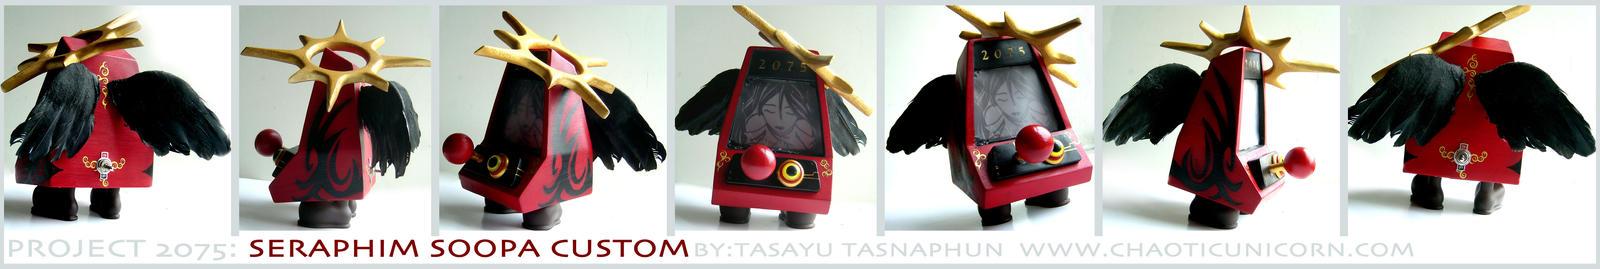 Seraphim Soopa Custom by siamgxIMA